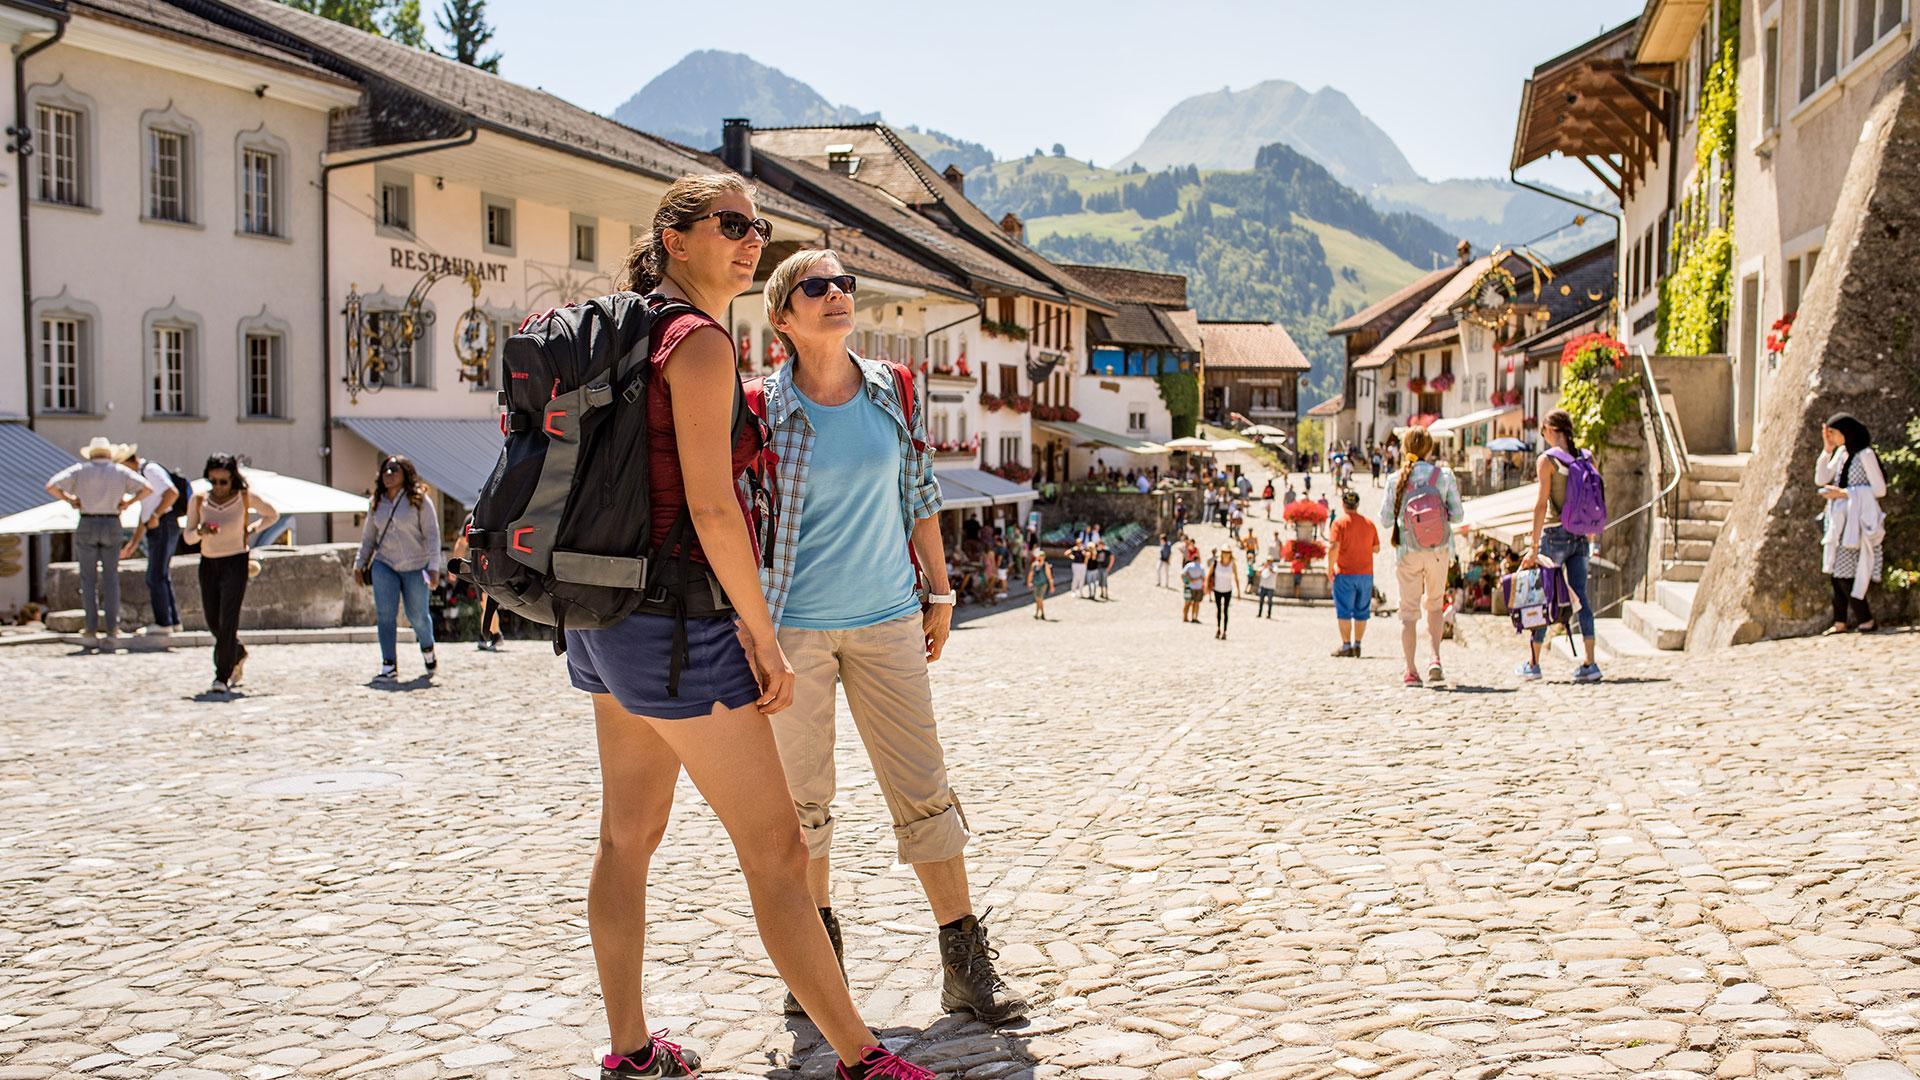 Les plus beaux villages de Suisse romande - Gruyères (Fribourg)